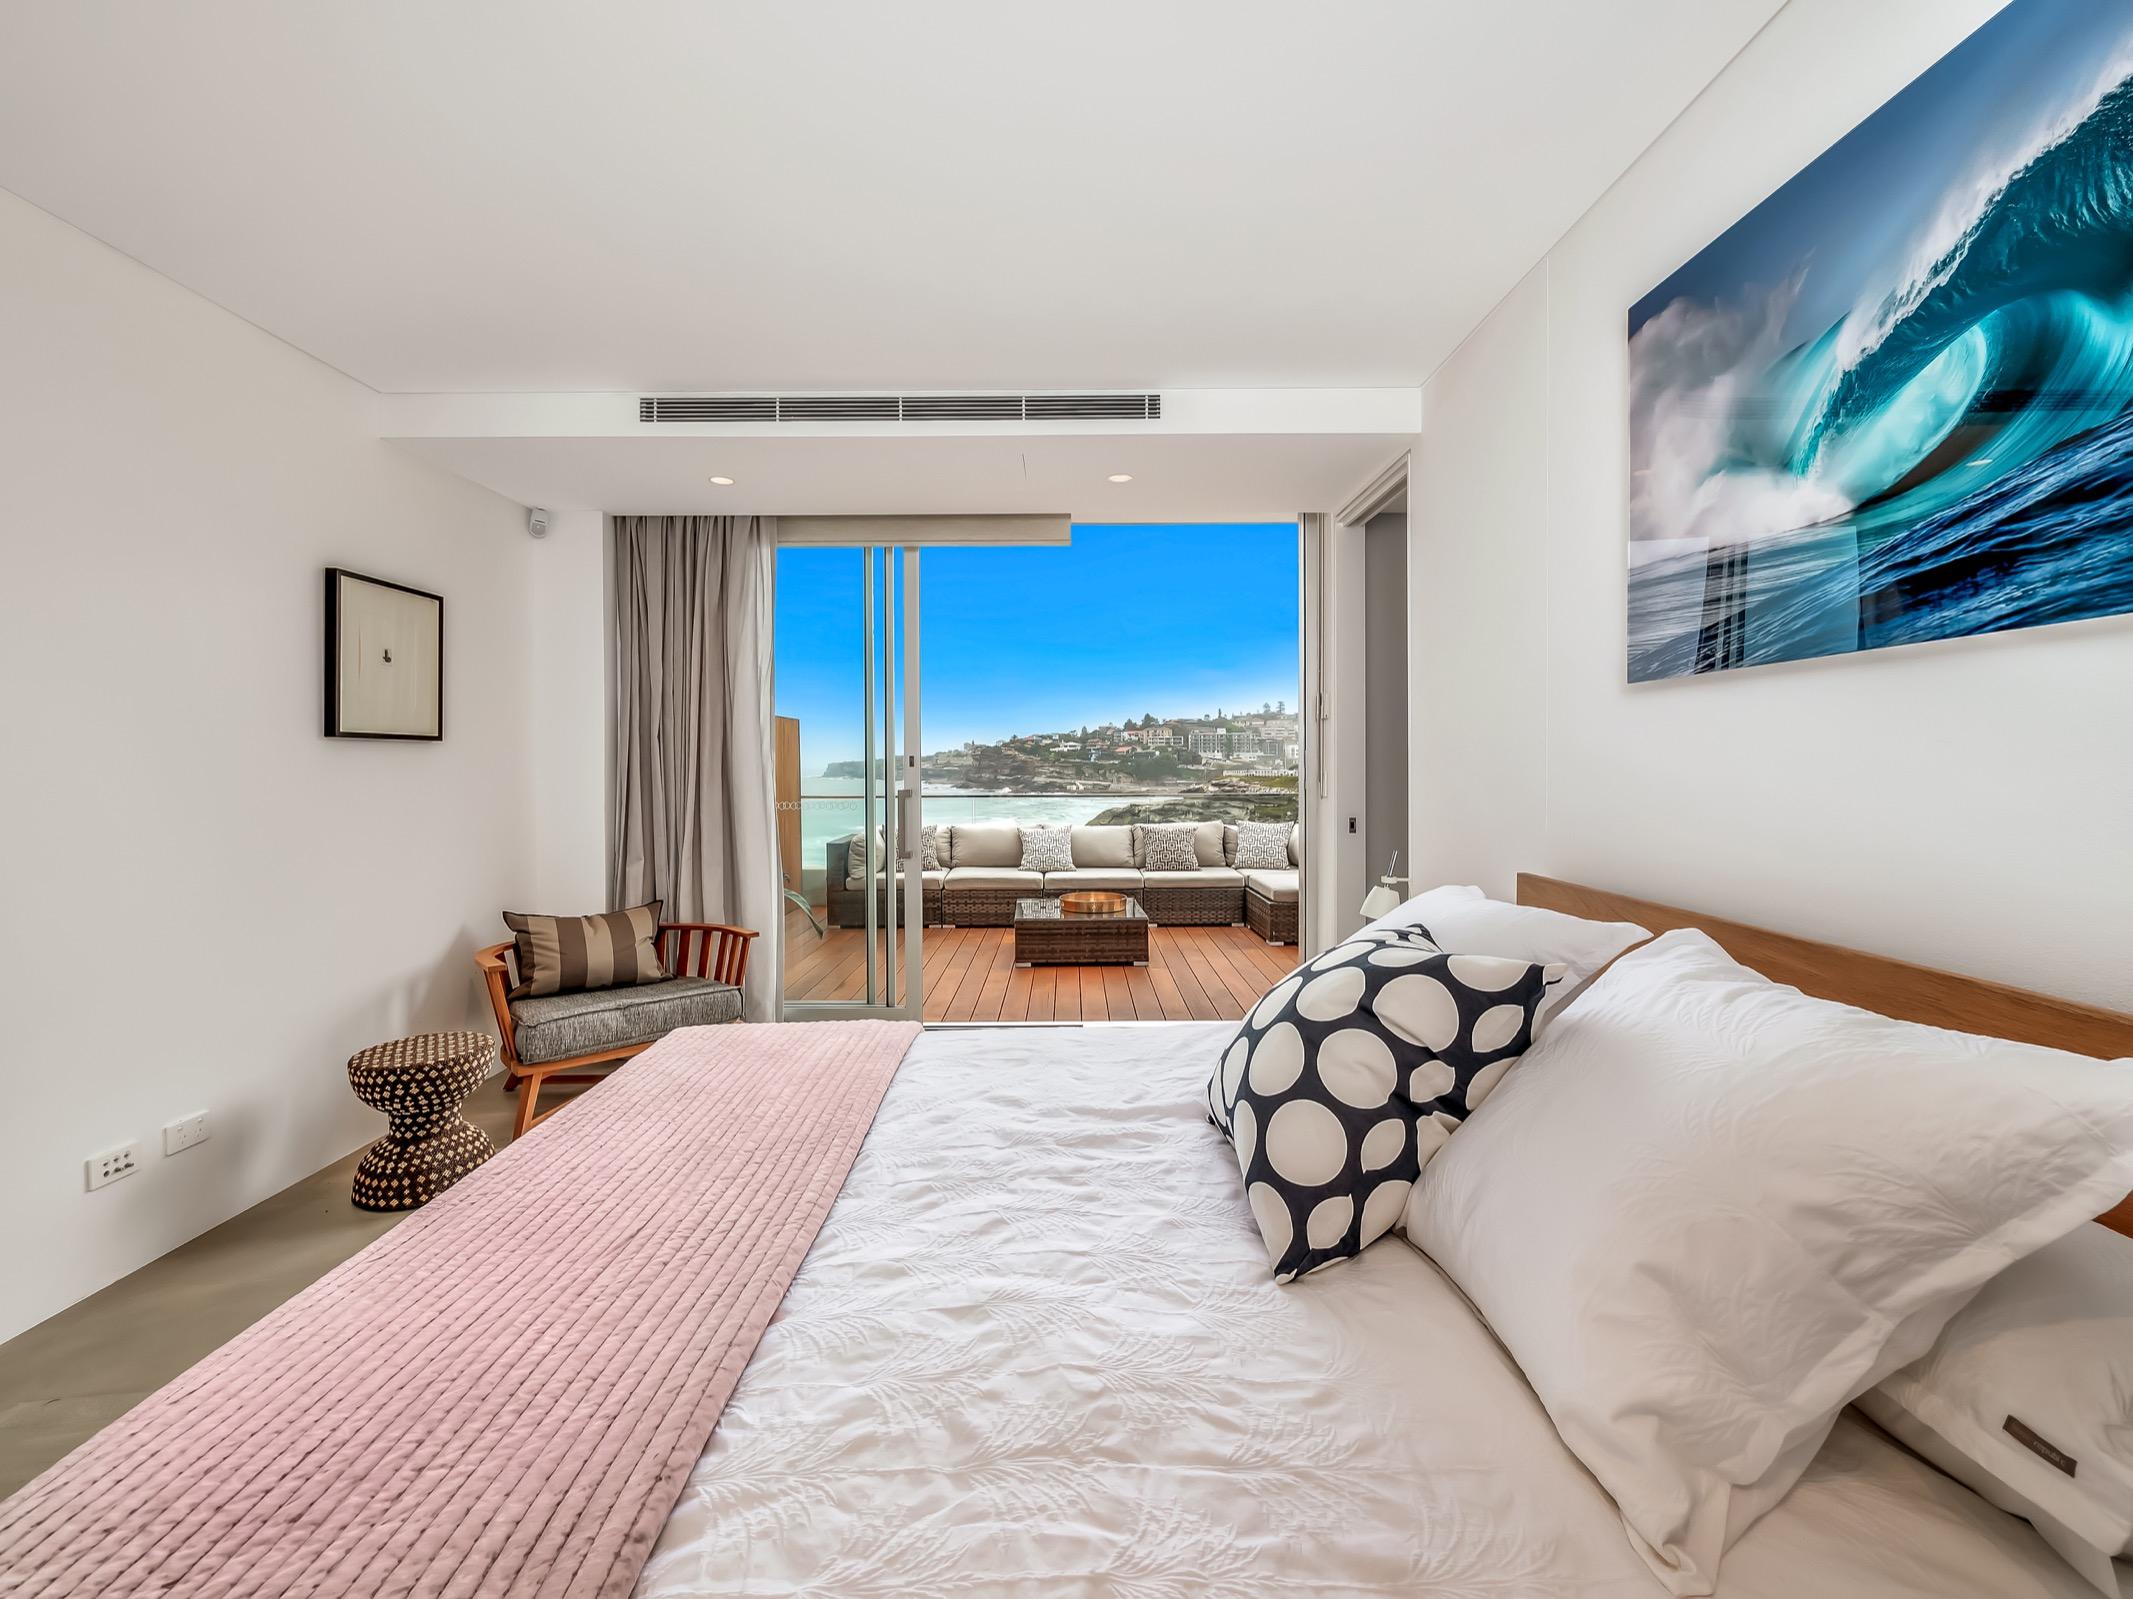 Beachfront Suite Tamarama. Bondi Beach Holiday Homes17.jpg